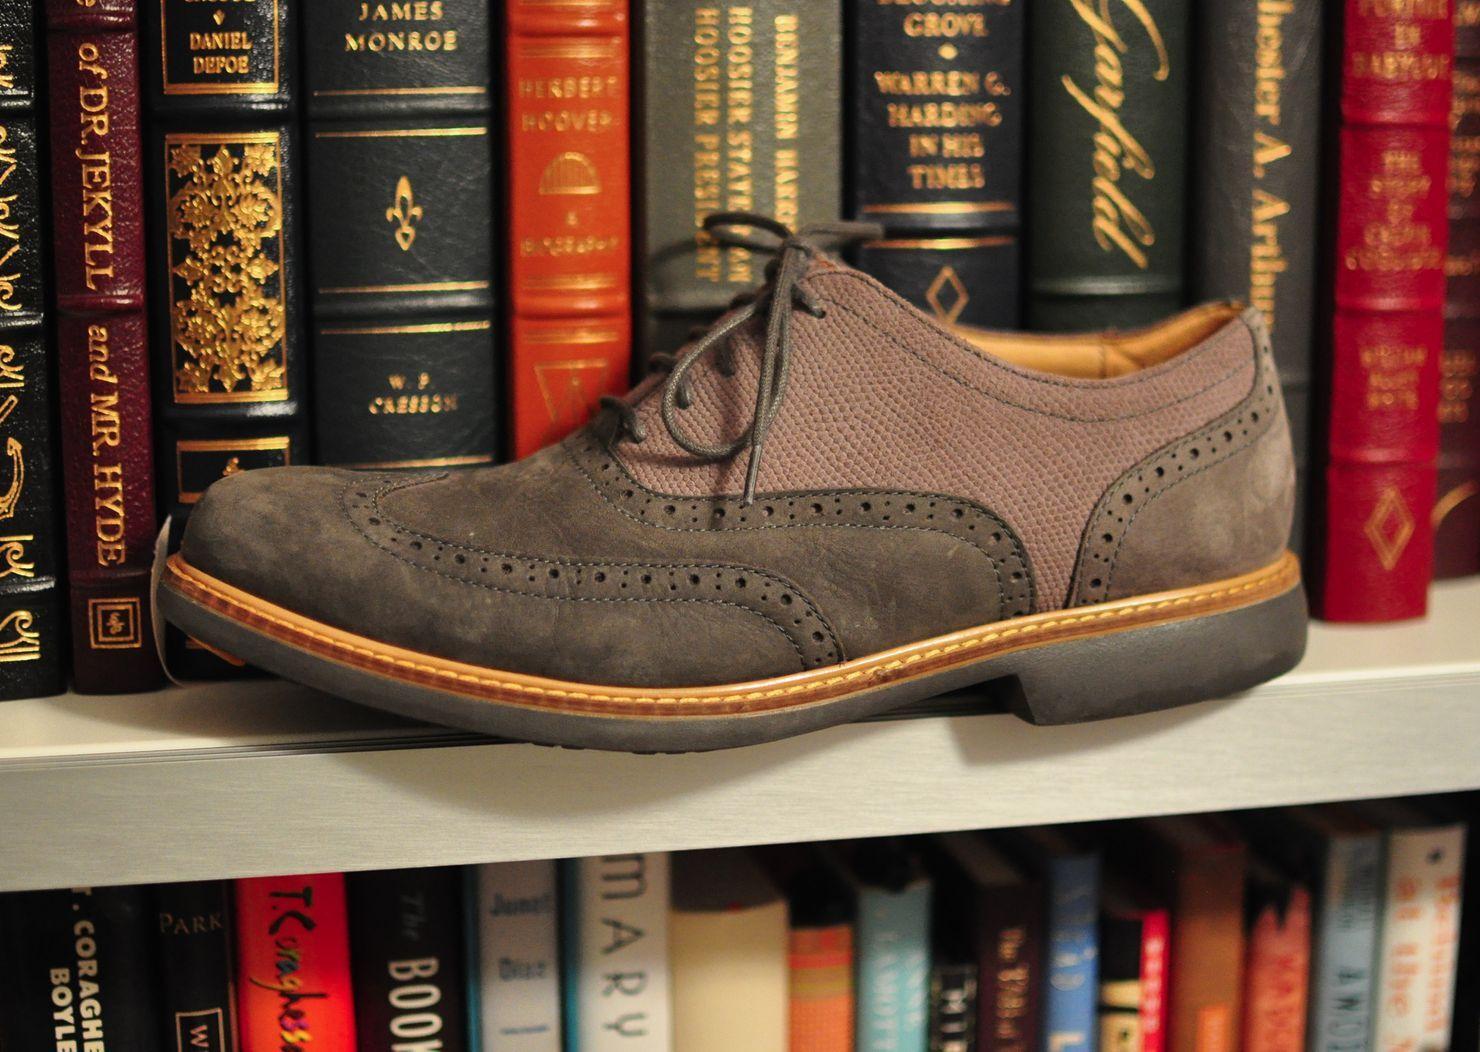 Great Jones Cole Haan  WingTips OxfordsSuede  Schuhes  Haan Men Sz 8.5 M a985f9